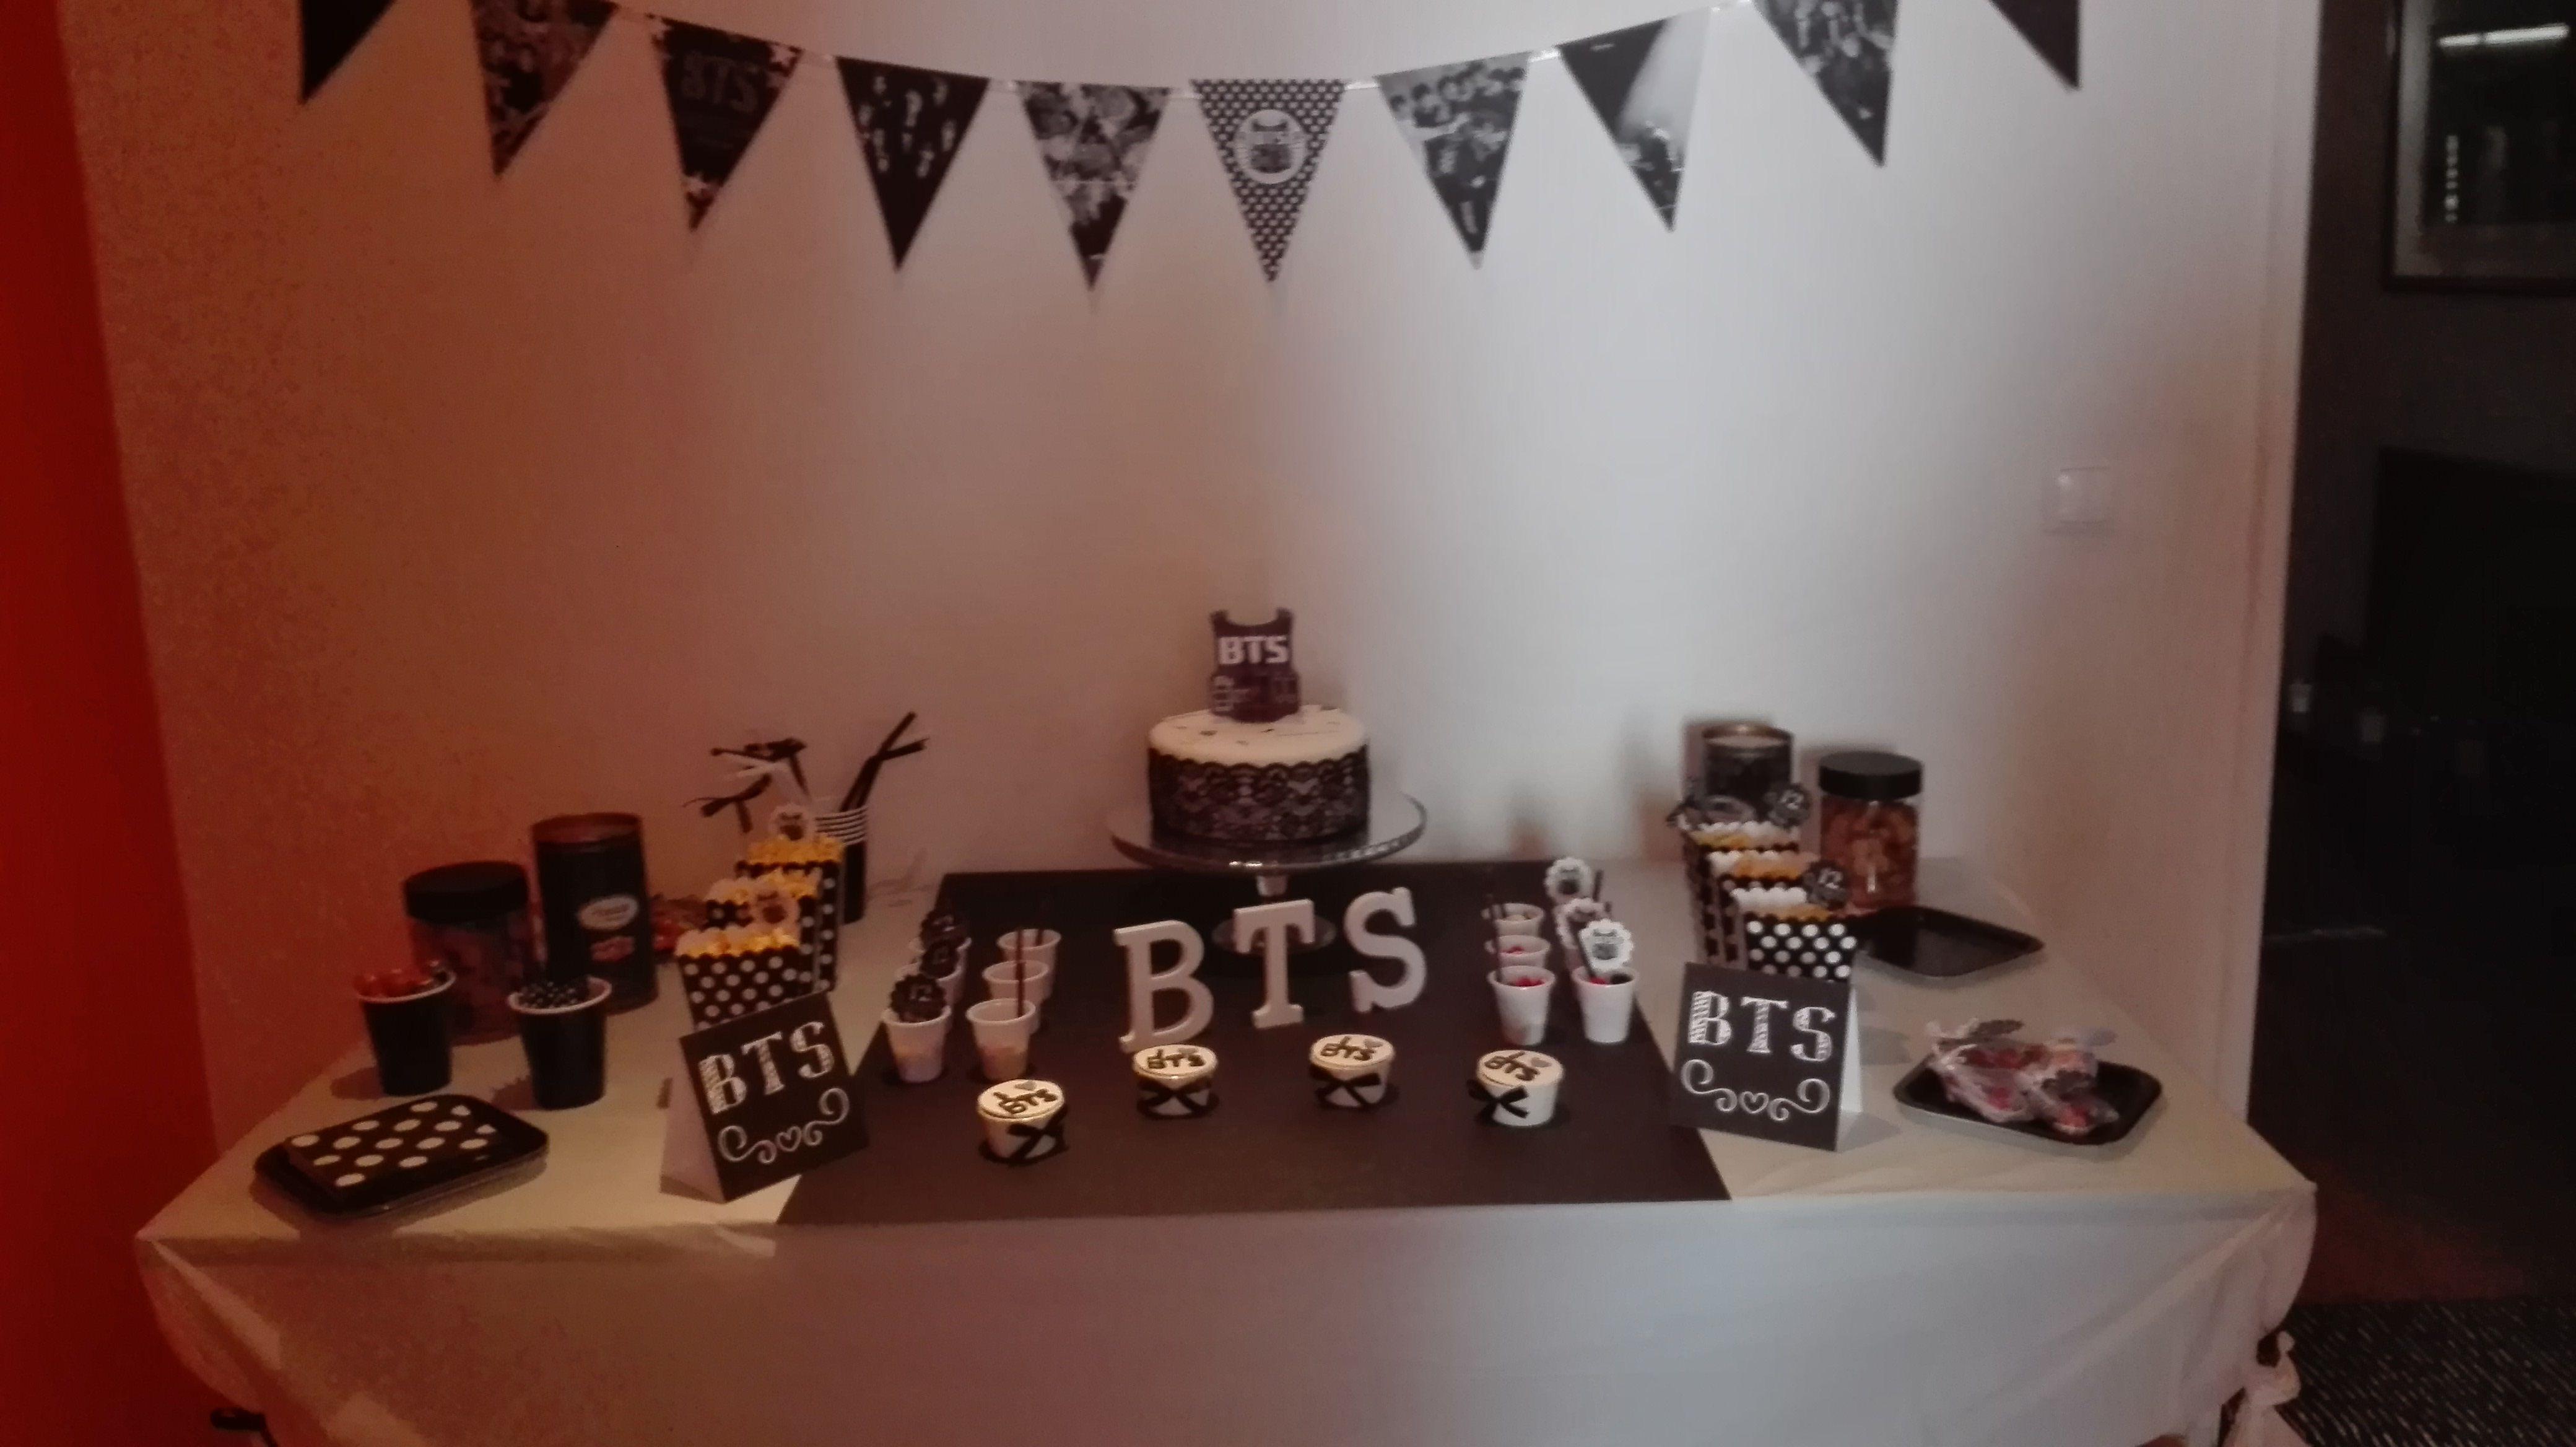 Festa Bts Bts Party Decoration Ideas En 2019 Bts Birthdays Bts